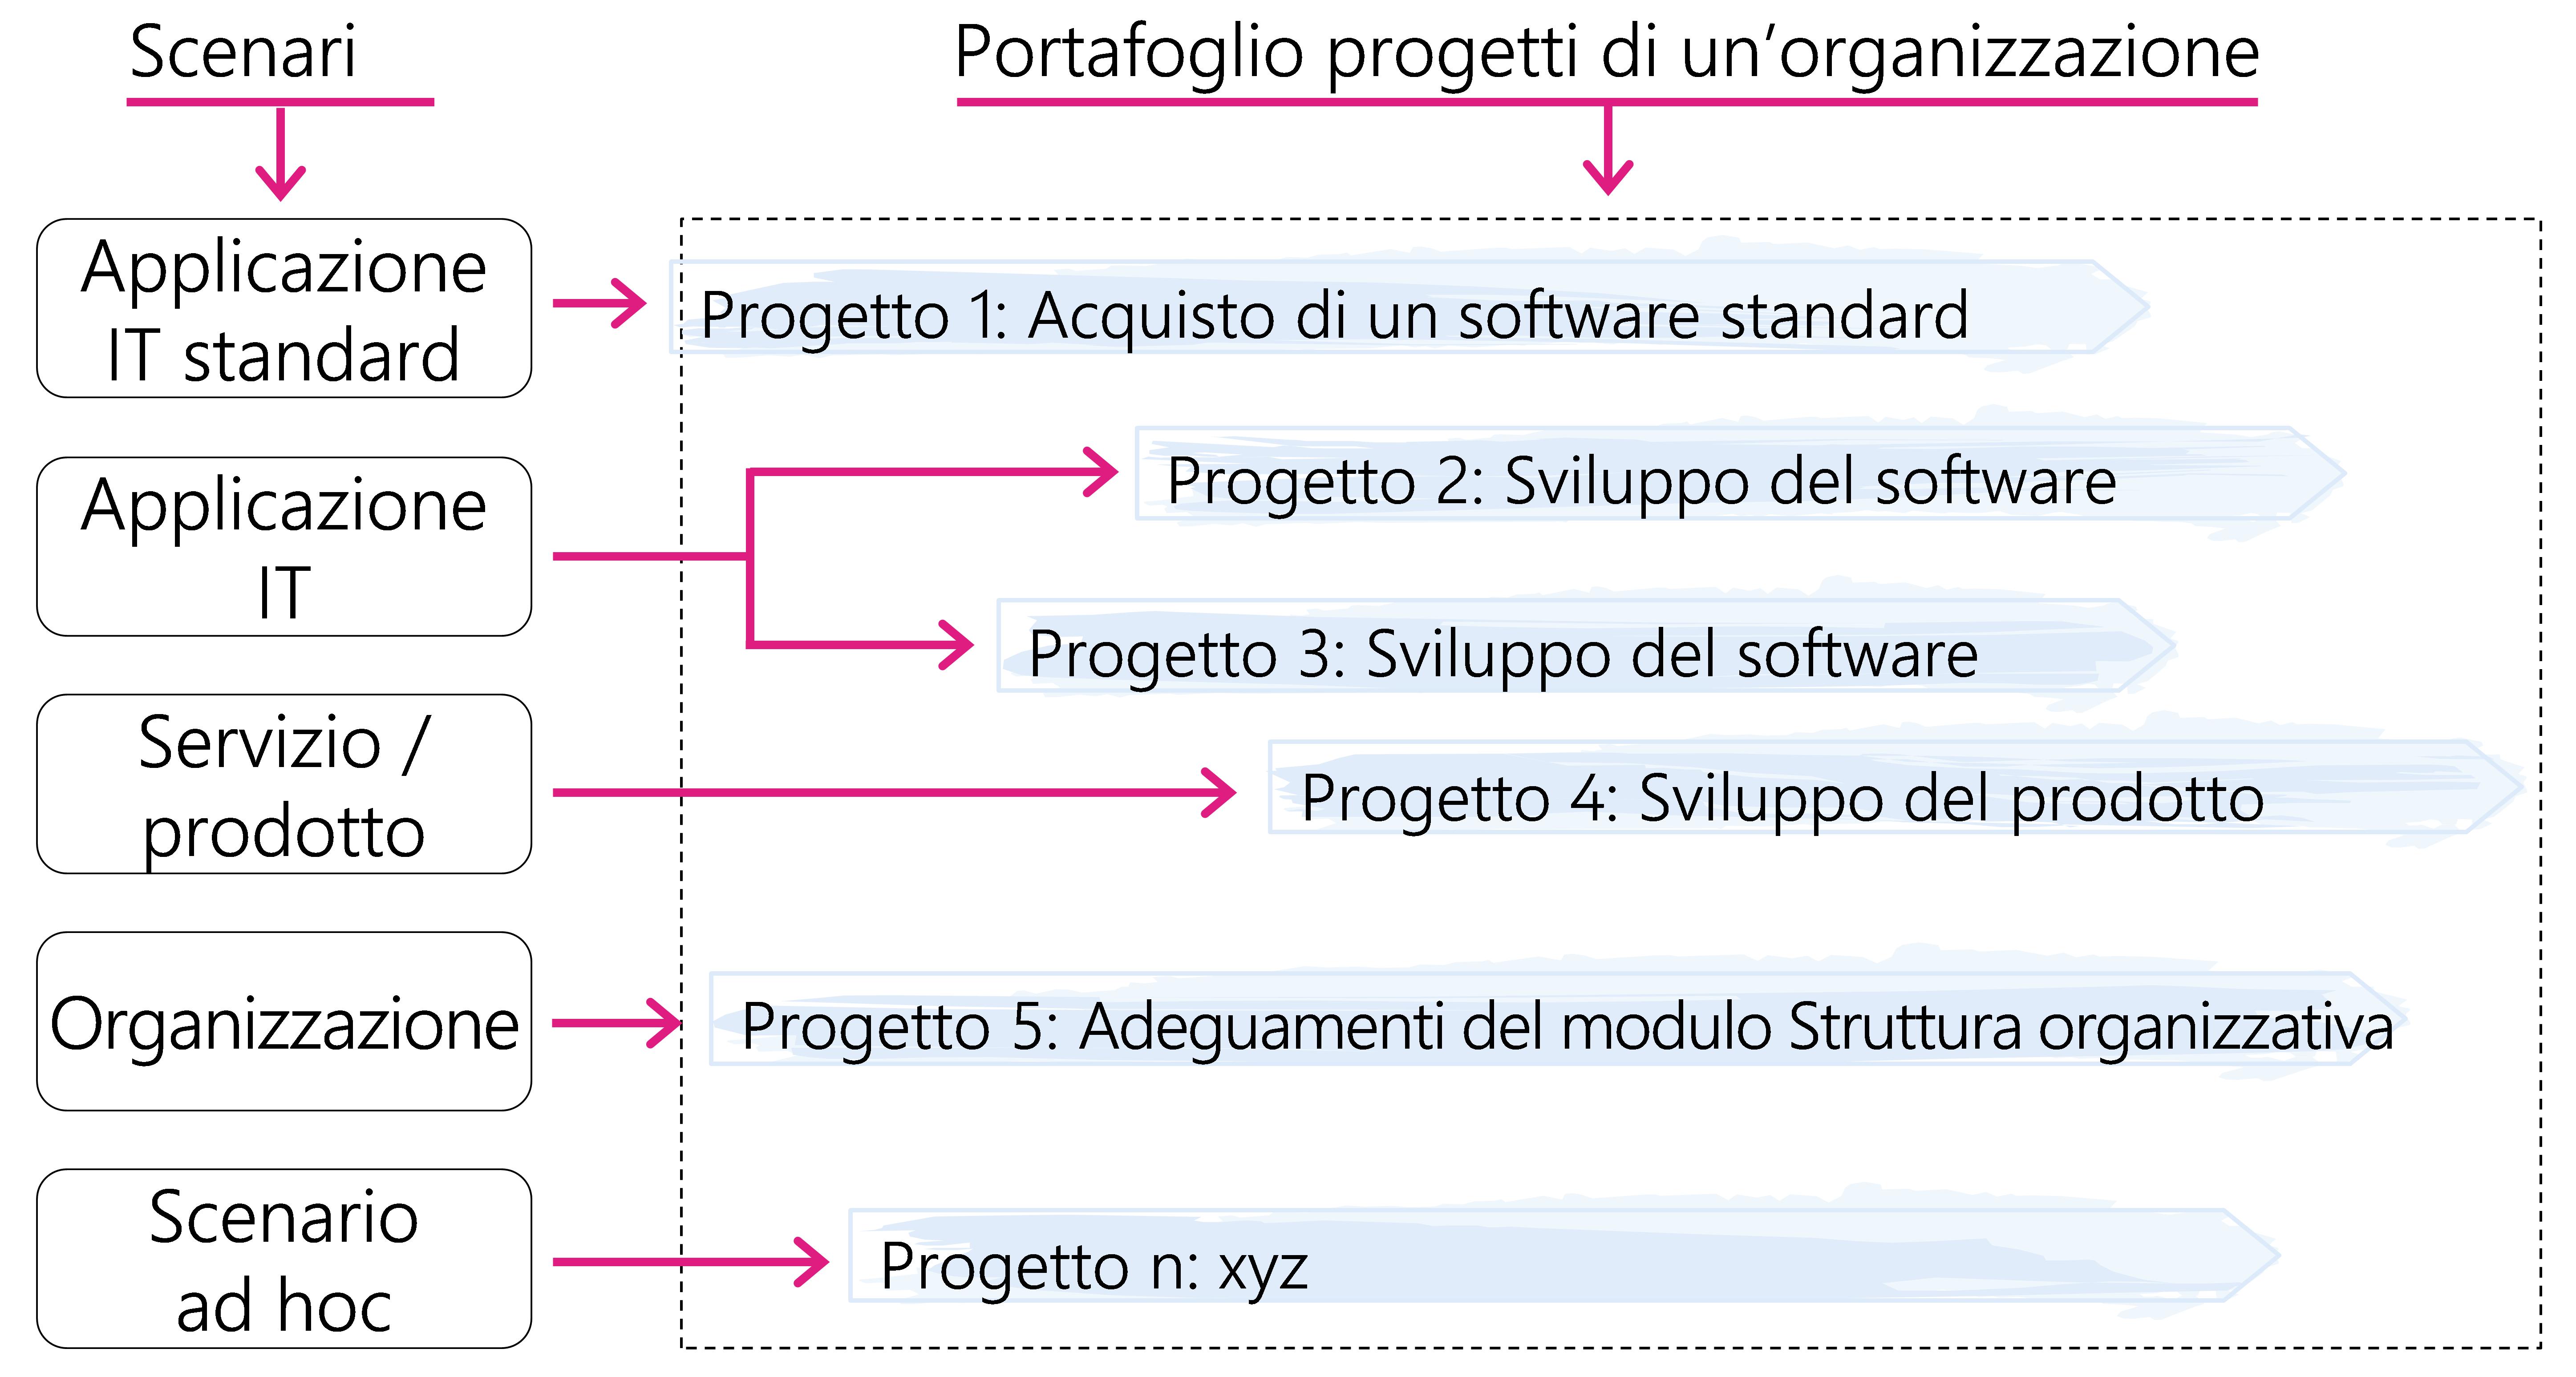 Figura 1: Scenari e portafoglio progetti di un'organizzazione